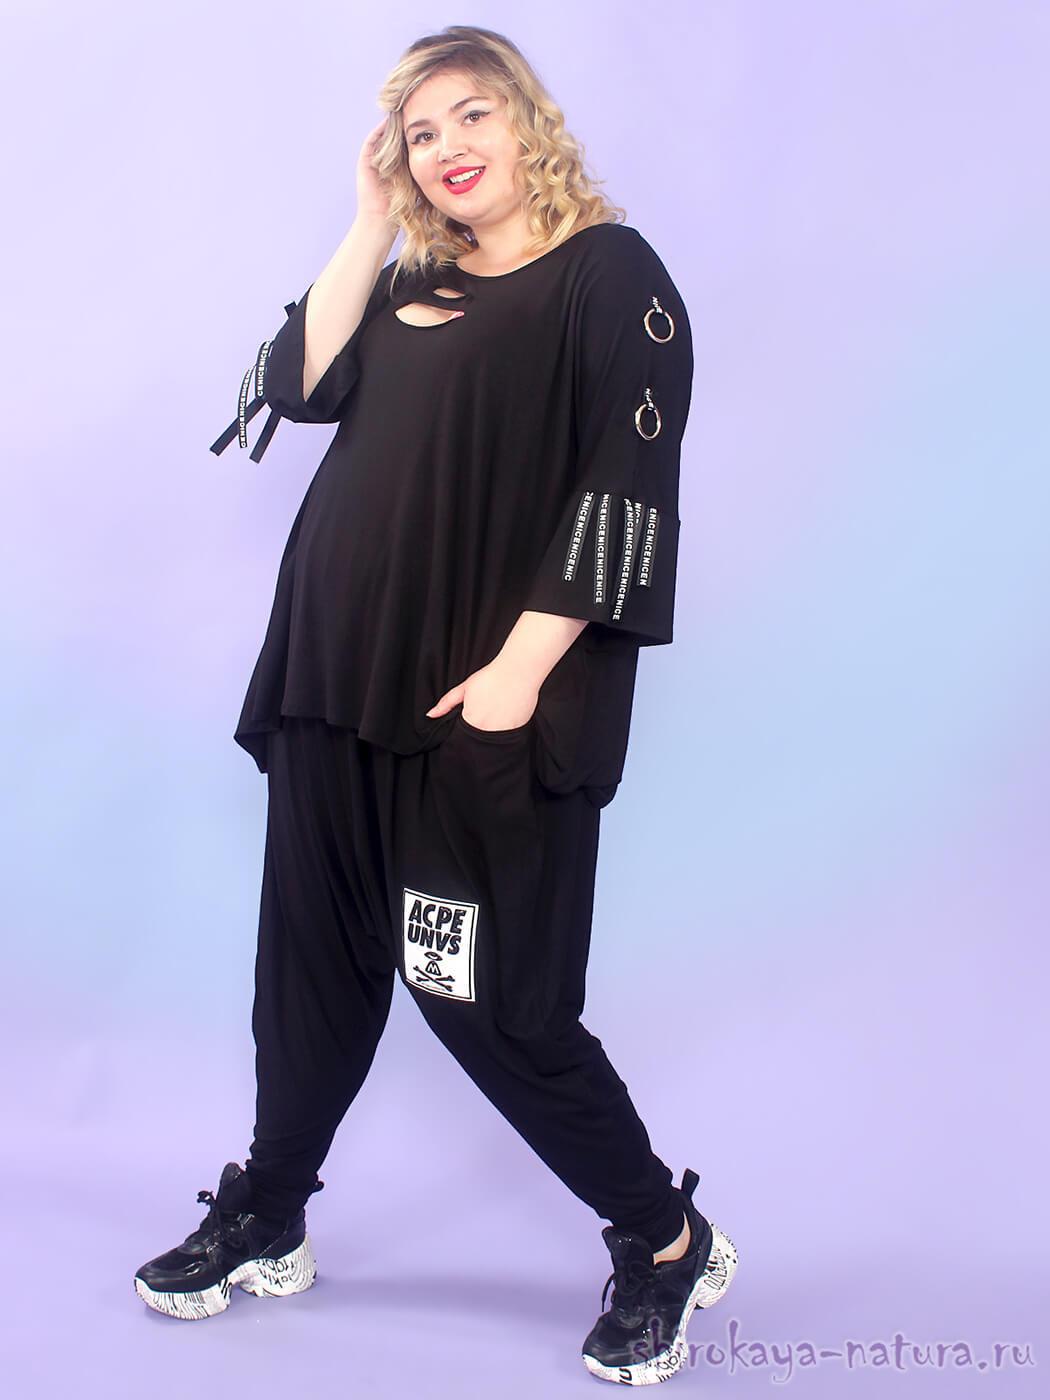 Большие размеры брюк с низкой проймой